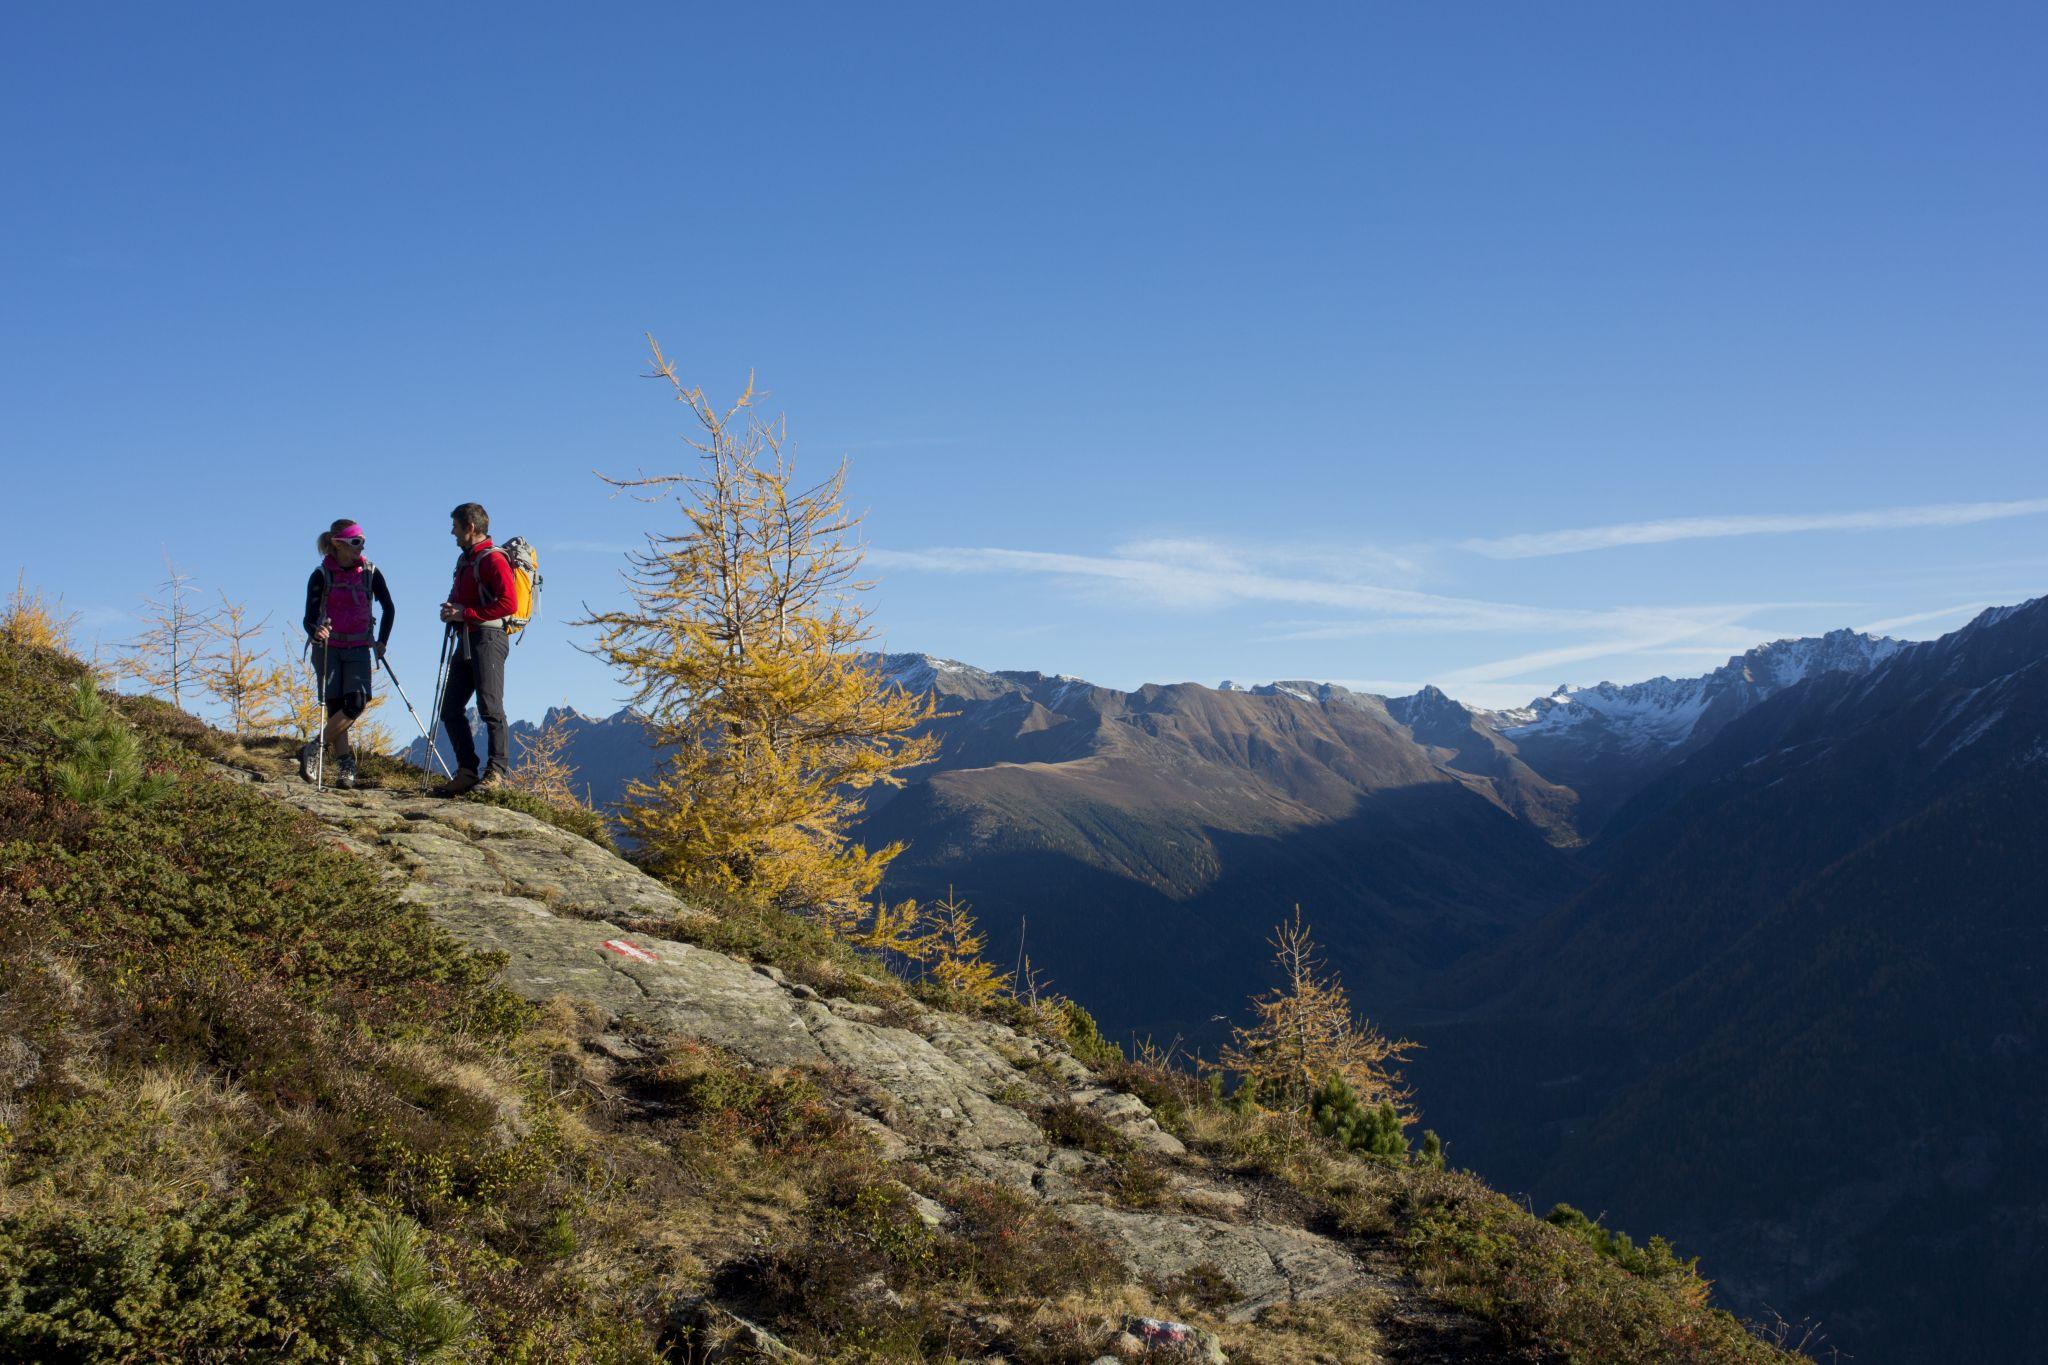 Wanderer oberhalb der Stabelealm am Fünf-Seen-Weg in Längenfeld, © Ötztal Tourismus, Bernd Ritschel